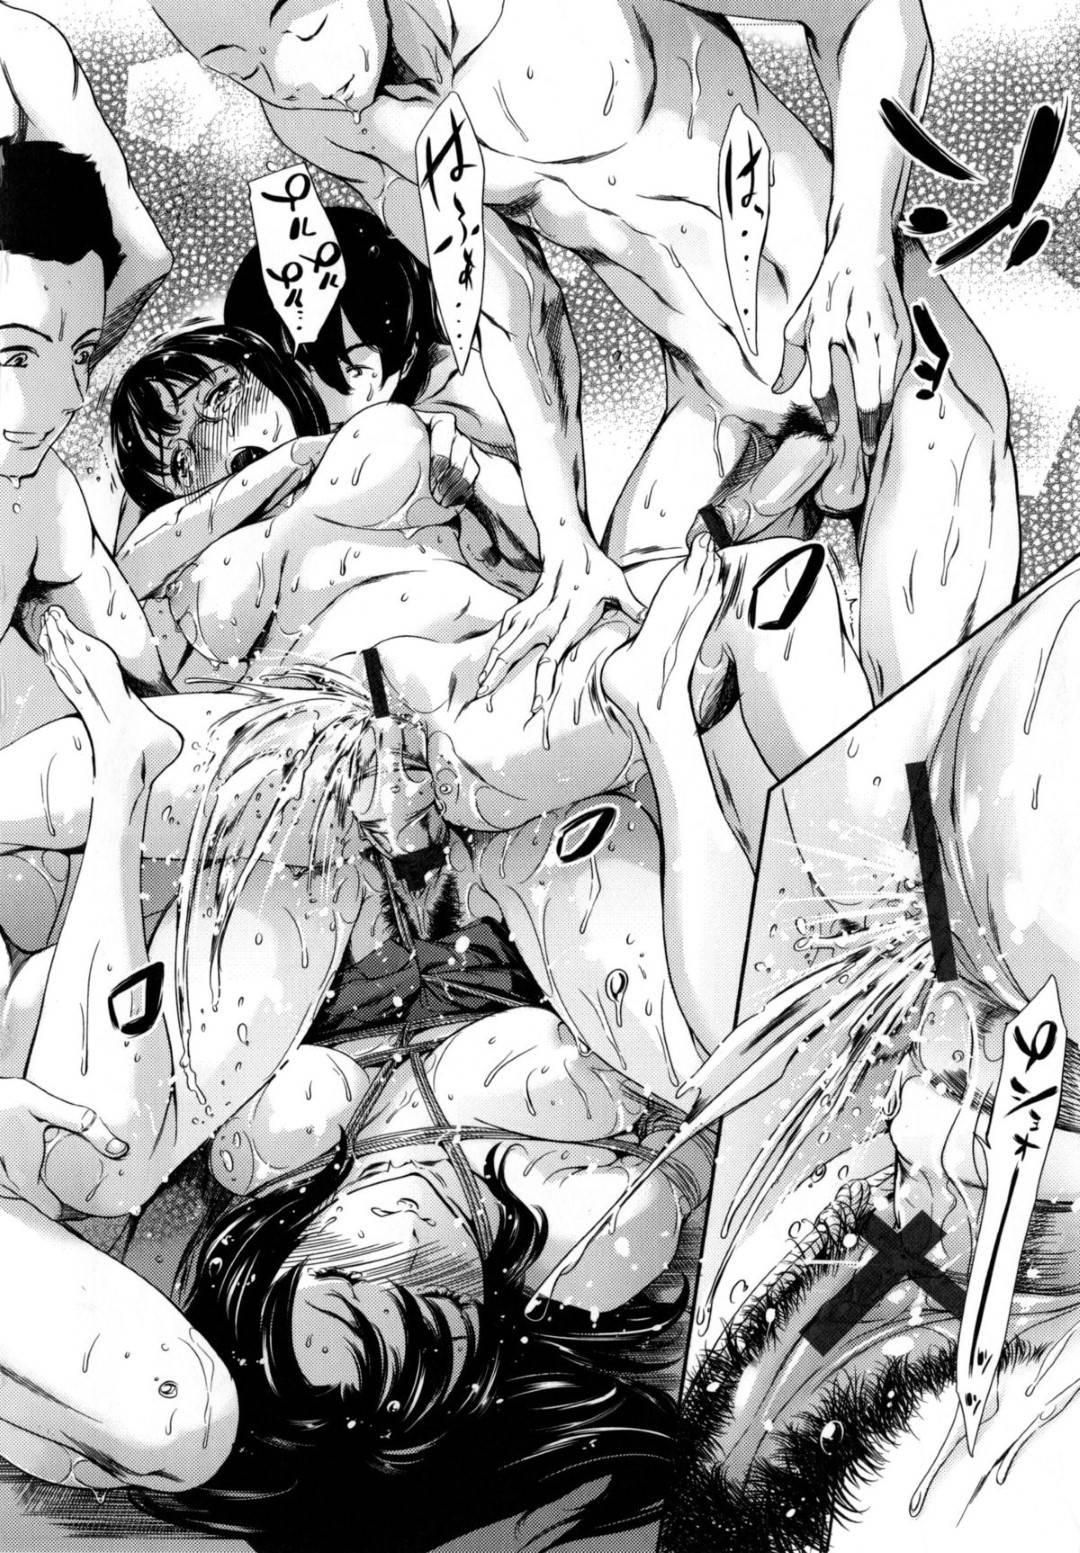 【エロ漫画】男子生徒たちと放課後に乱交セックスする清楚系JK達…見かけに反して淫乱な彼女たちは膣やアナルに次々と巨根を挿入されて感じまくる!【まぐろ帝國:津田沼VS雨宮 編】